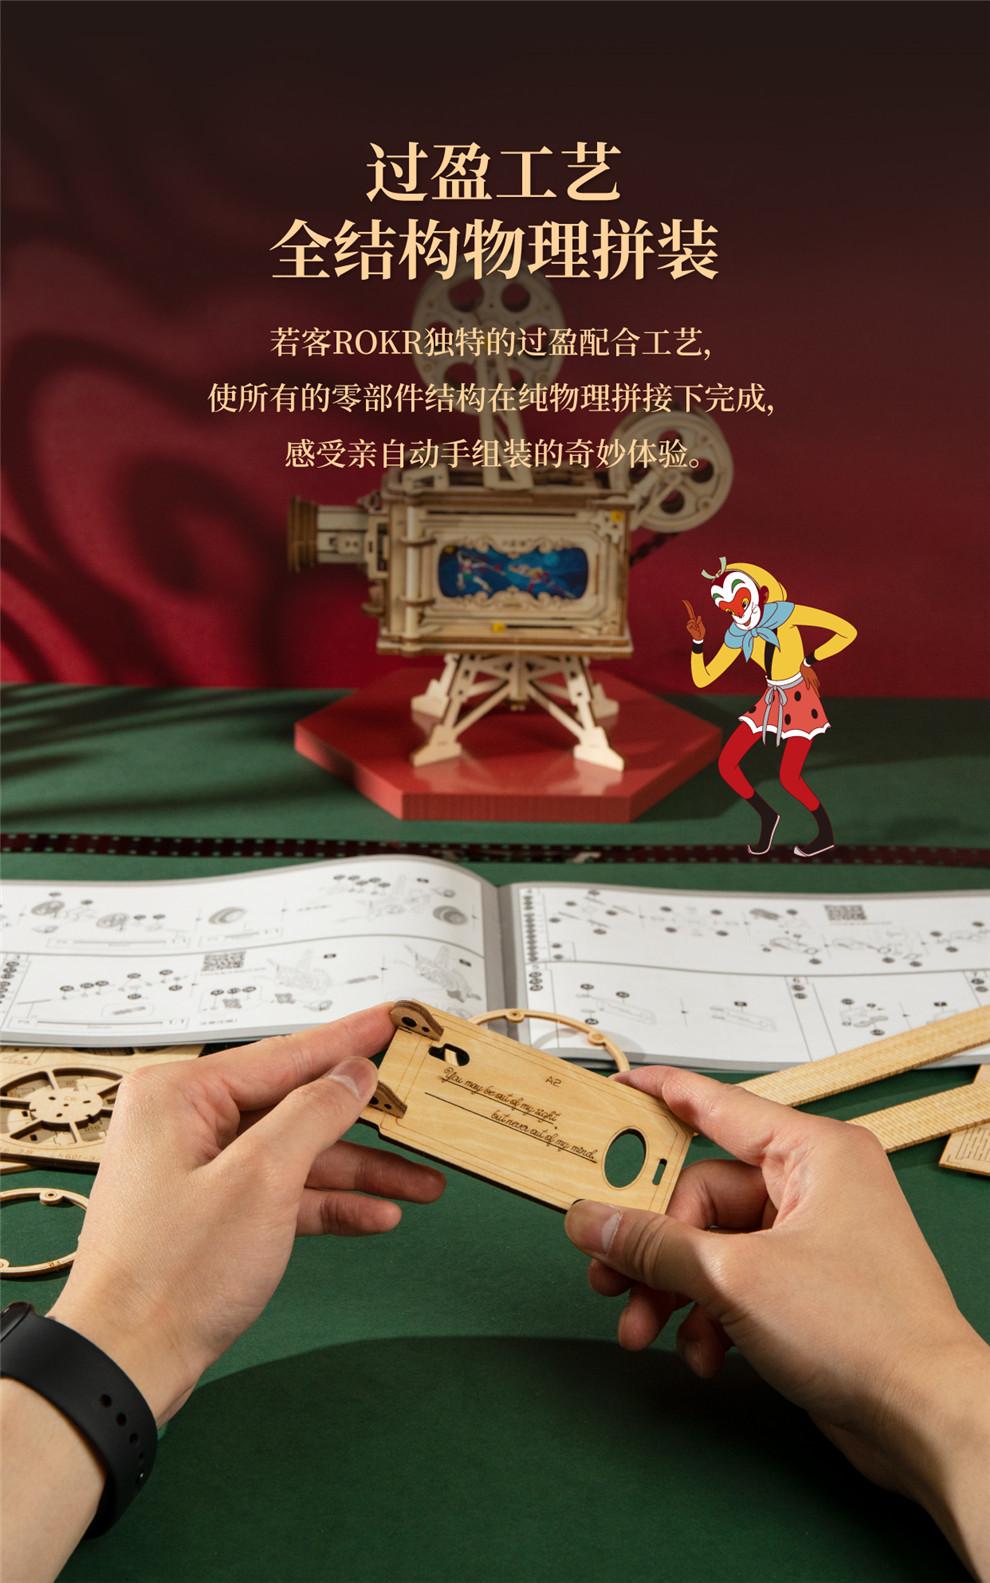 若客(ROKR)立体拼图木质diy手工模型 上美影联名款 老式放映机